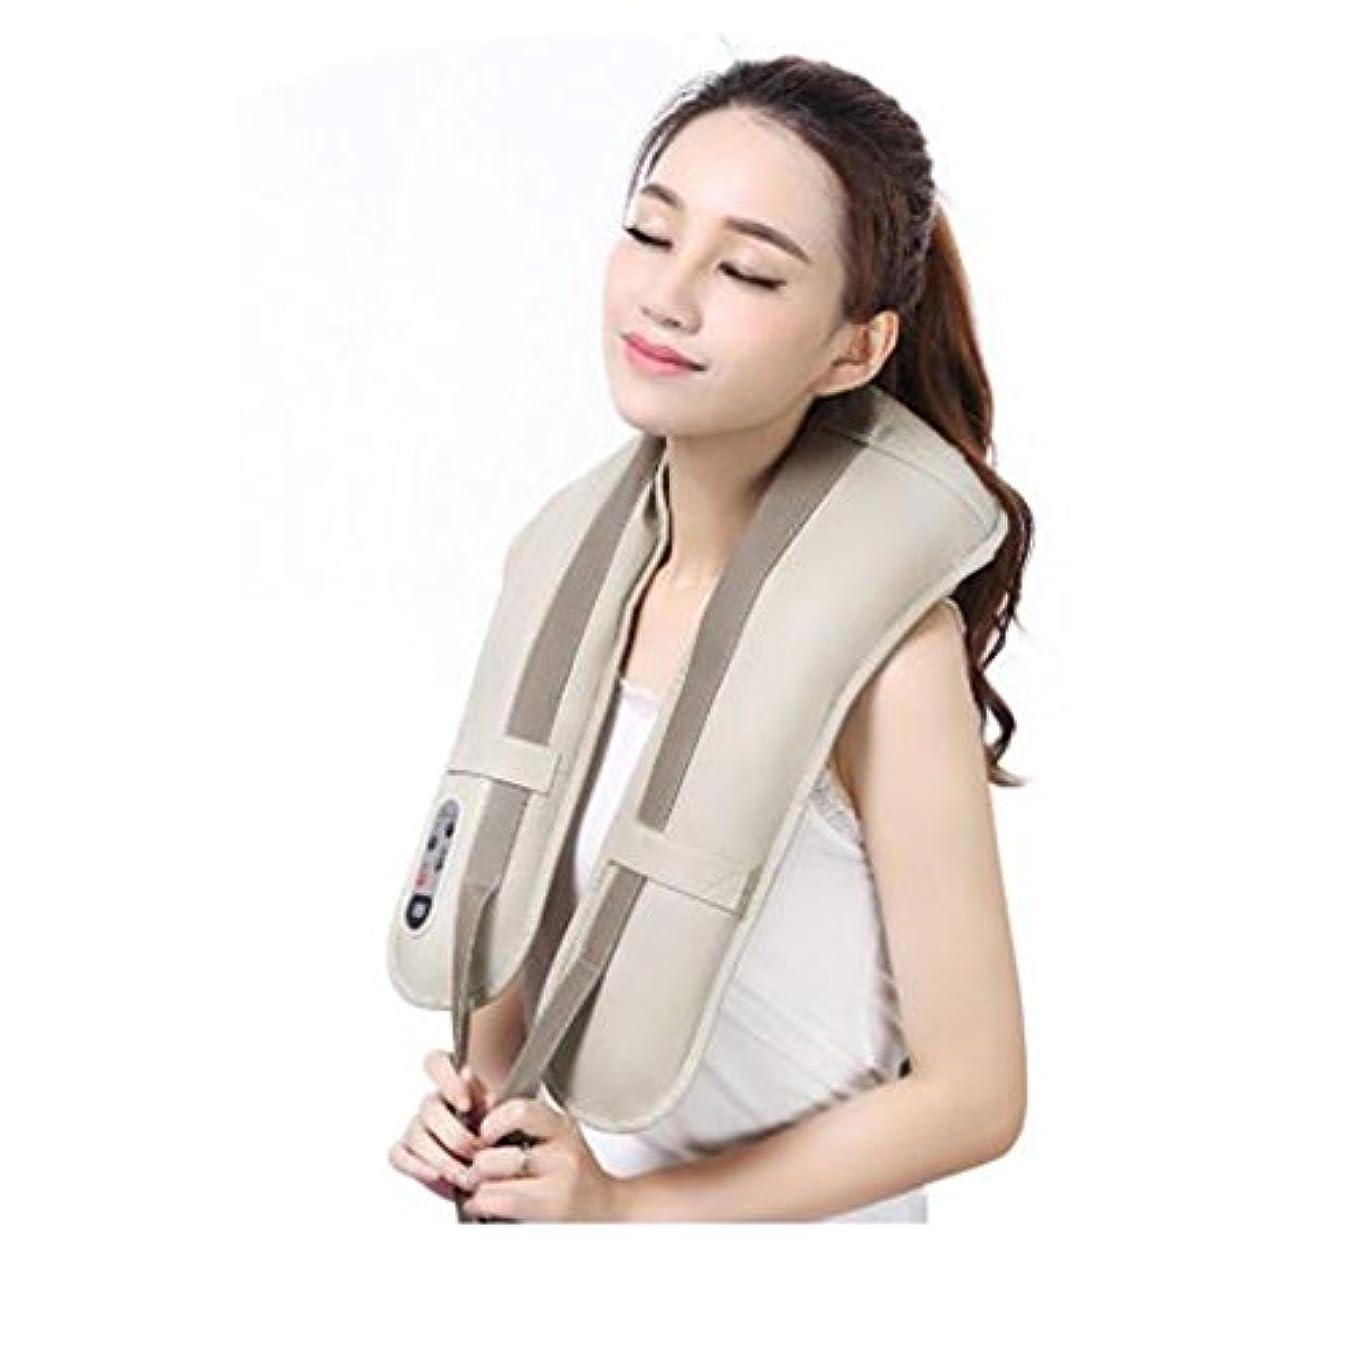 タイプライター省衝突ホットネックマッサージャーポータブル電気パーカッション頸部マッサージショールの痛みの首と肩の多機能タップマッサージャー (色 : A)